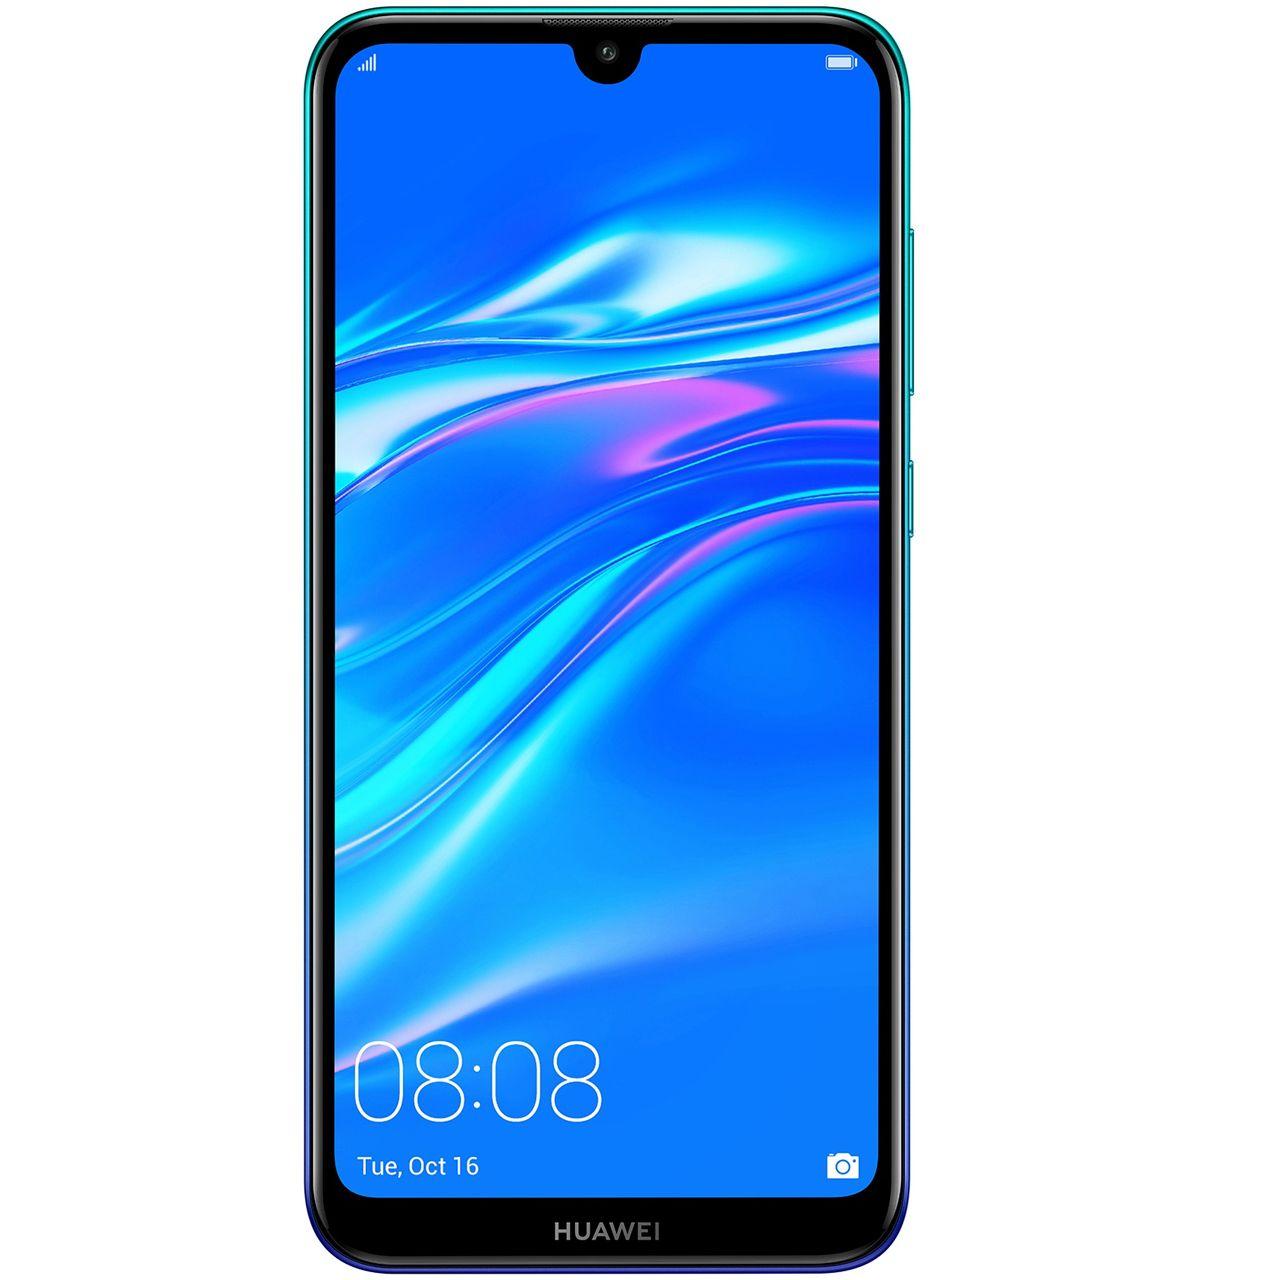 گوشی موبایل هوآوی مدل Y7 Prime 2019 دو سیم کارت ظرفیت 32 گی Huawei Dual Sim Smartphone